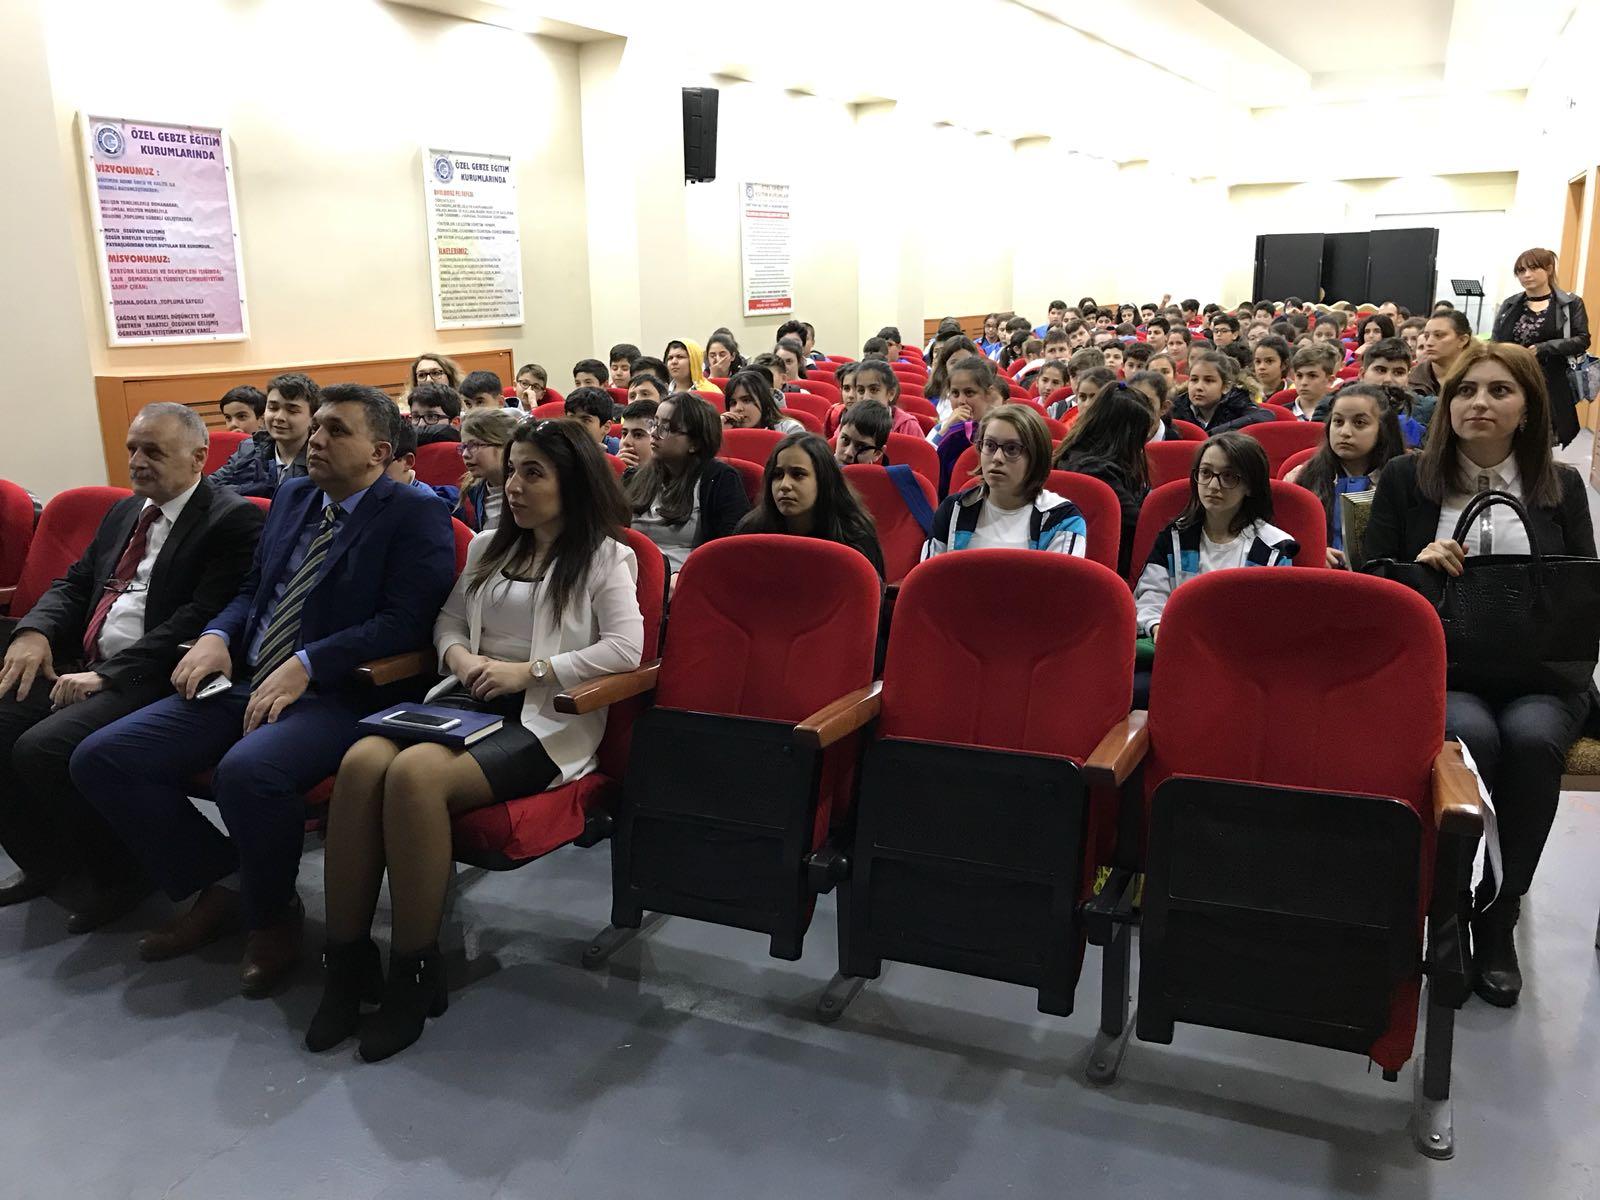 Özel Gebze Eğitim Kurumları'nda sağlık semineri